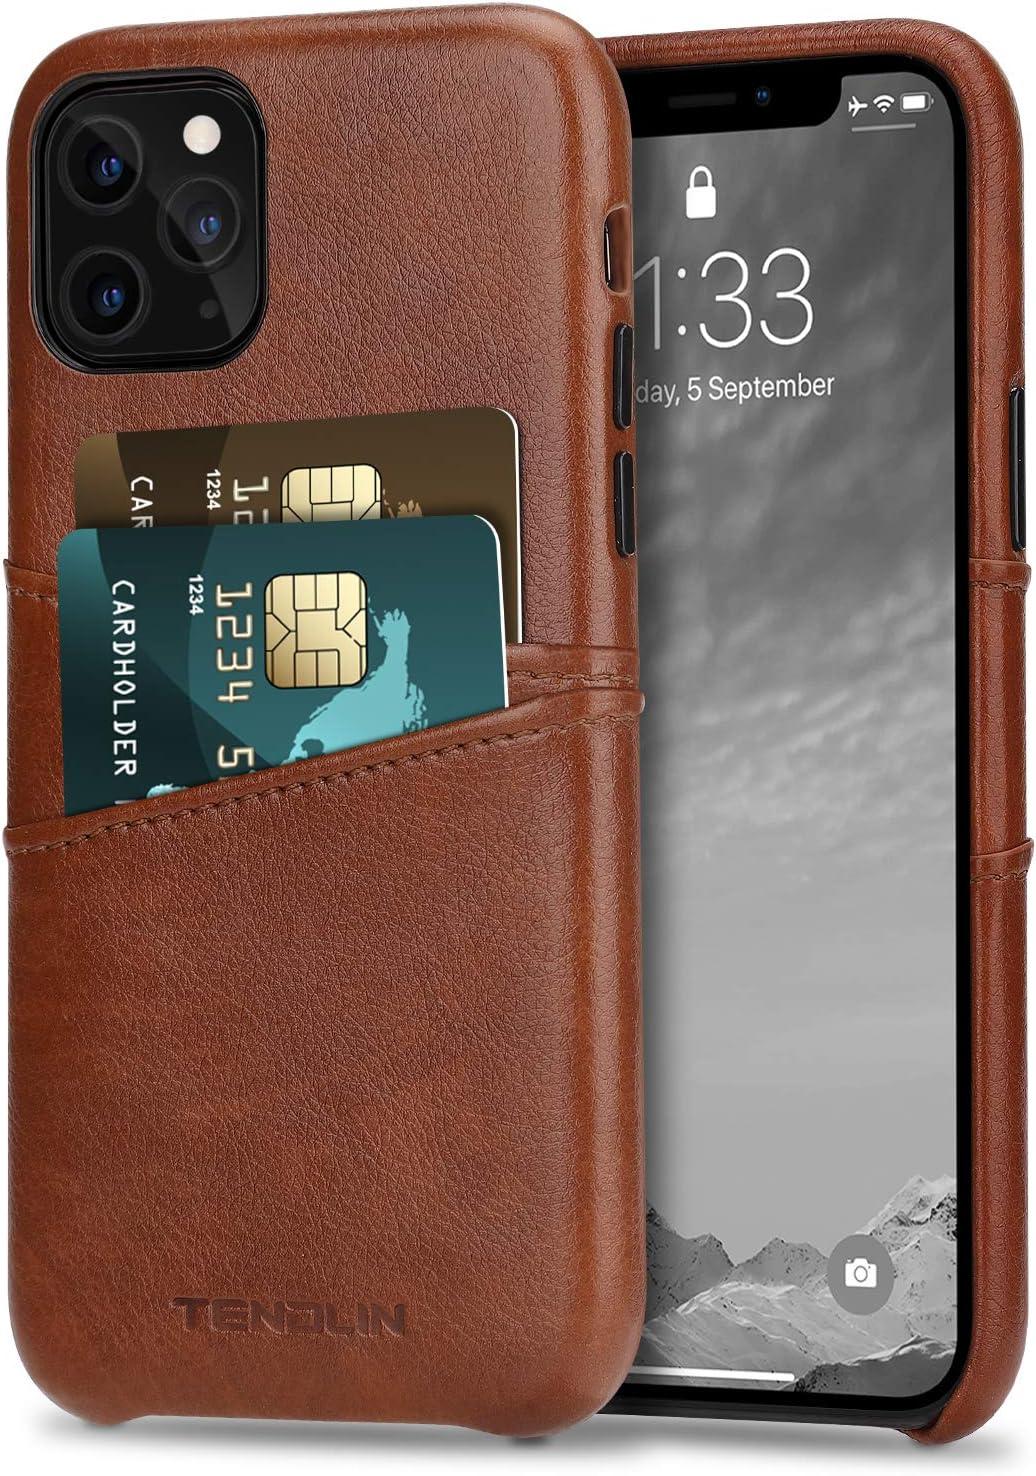 TENDLIN Funda iPhone 11 Pro Carcasa de Cartera de Cuero Premium con 2 Ranuras para Tarjetas (Marrón)